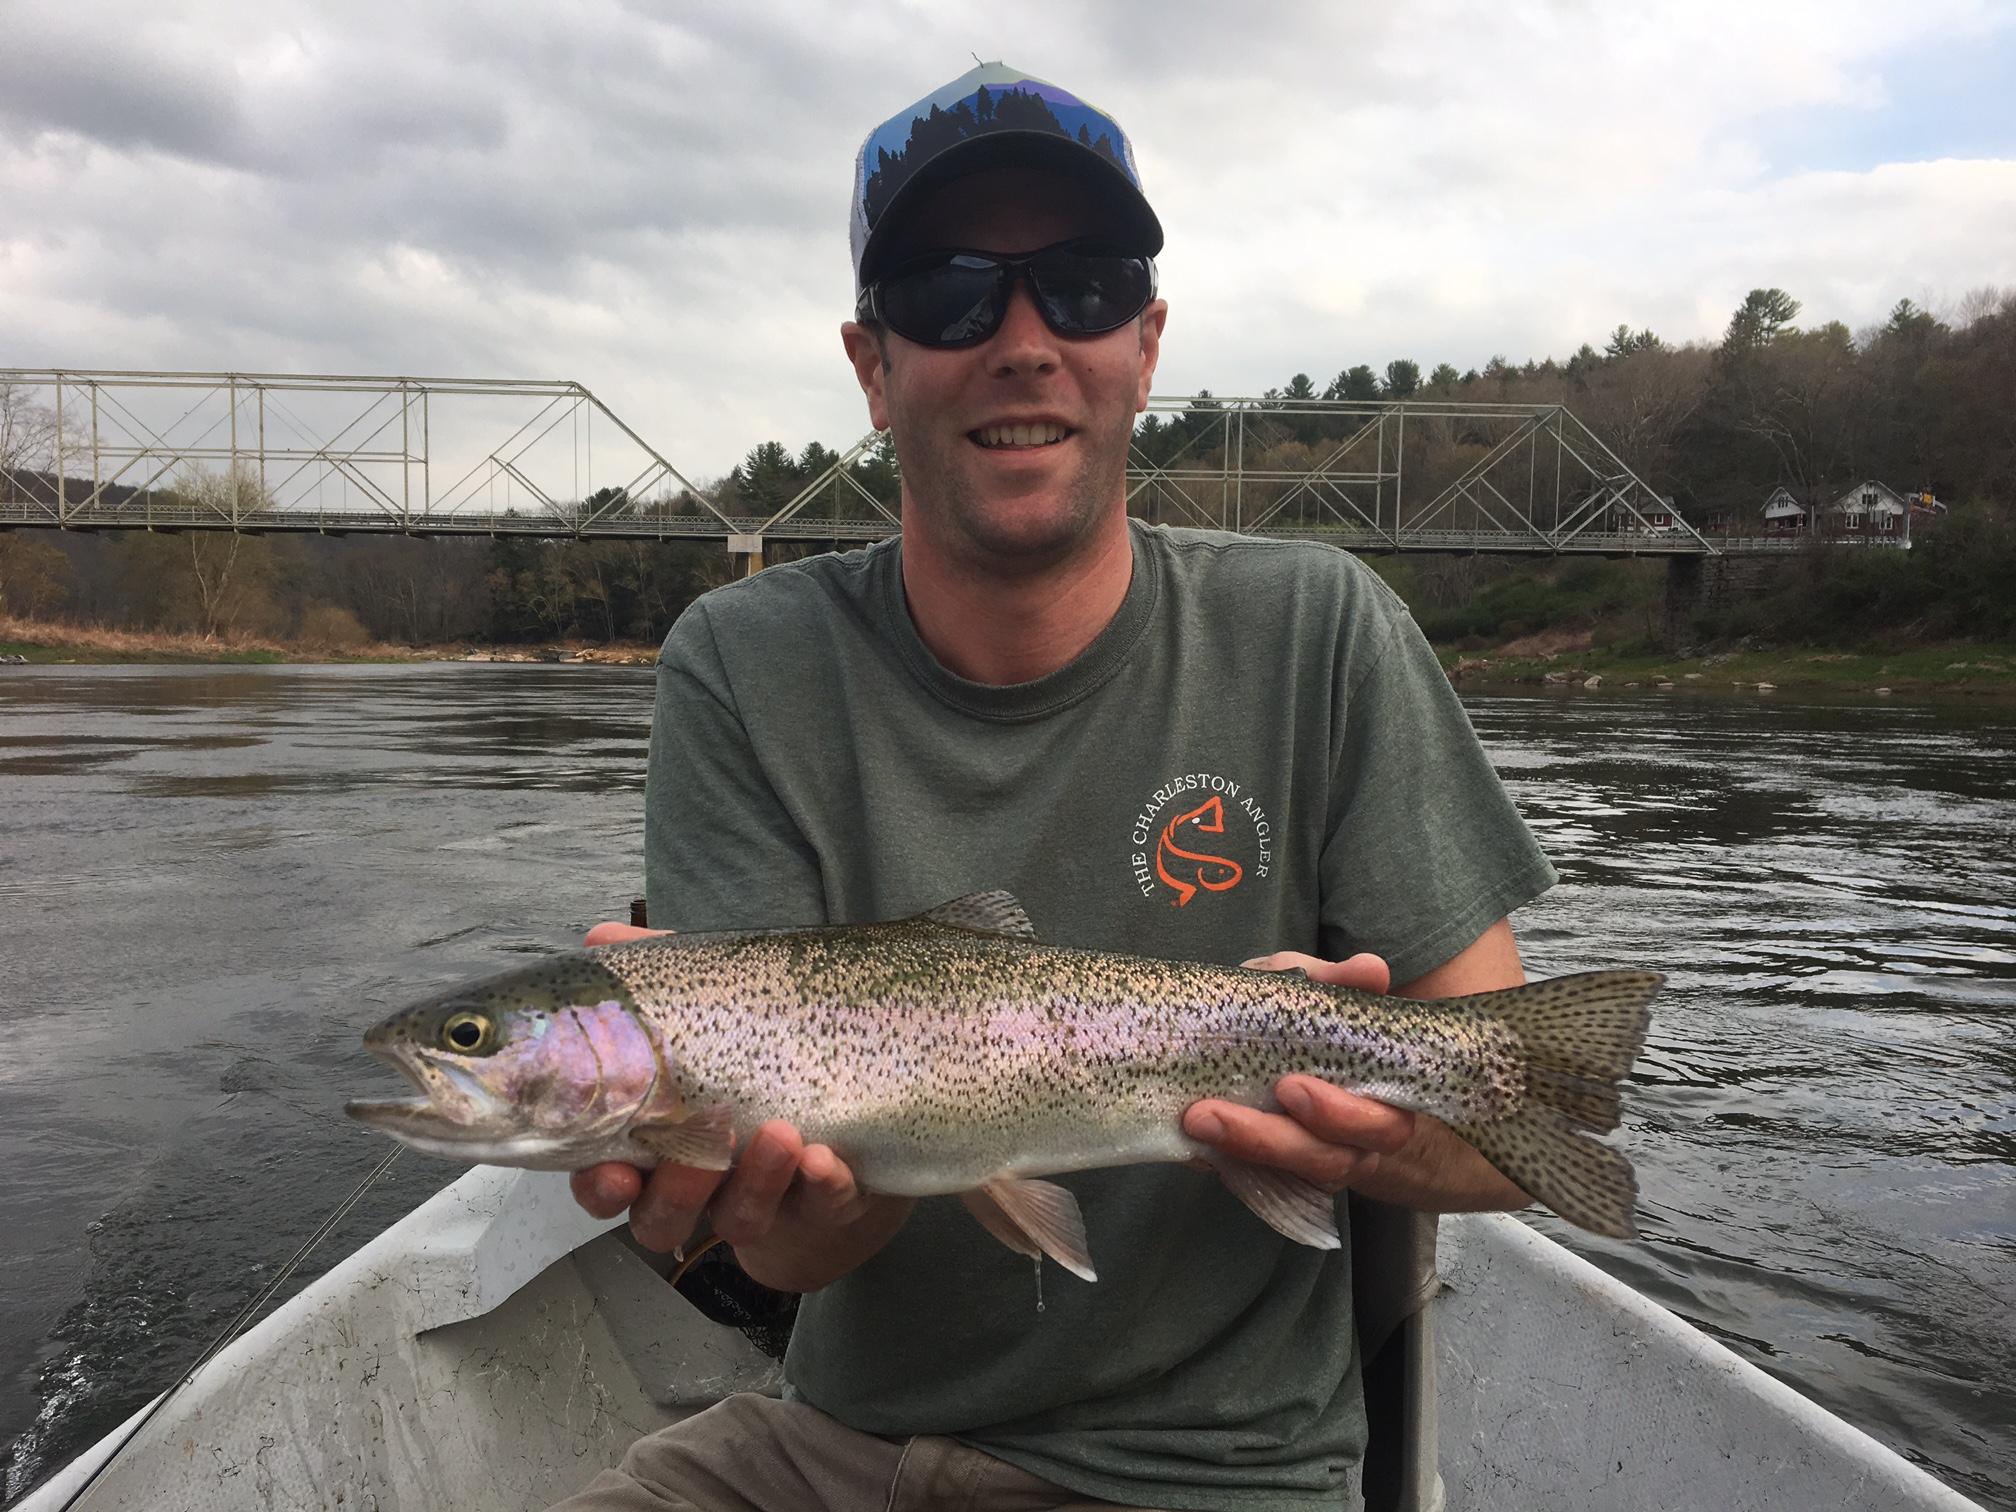 Kyle T. with a Slammer Rainbow on the dry fly.